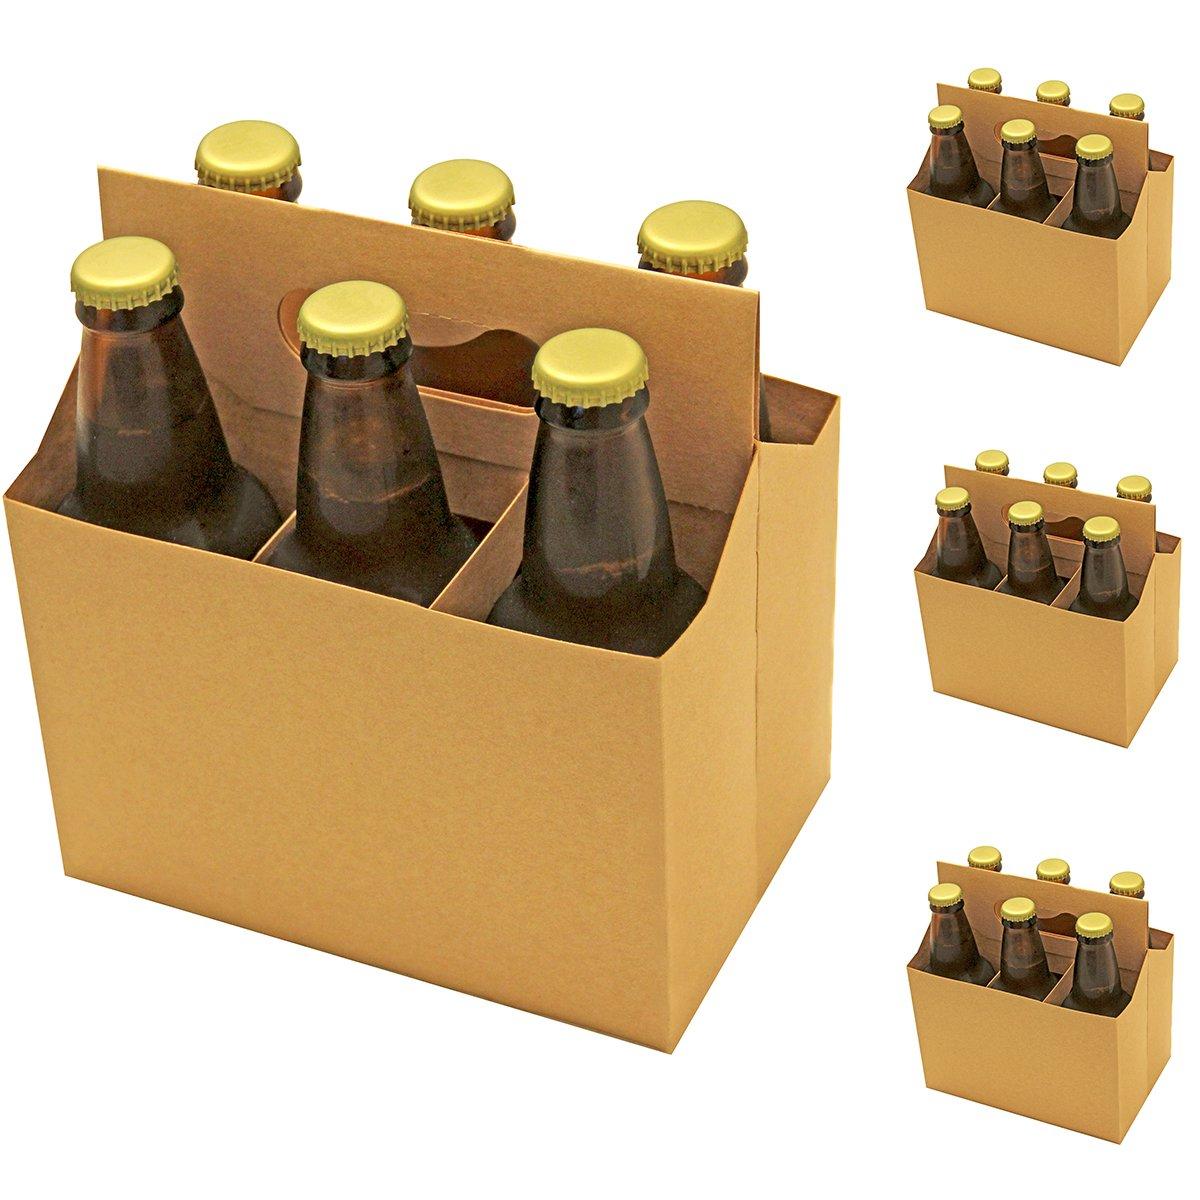 6 Pack Beer Holder (Pack of 4)